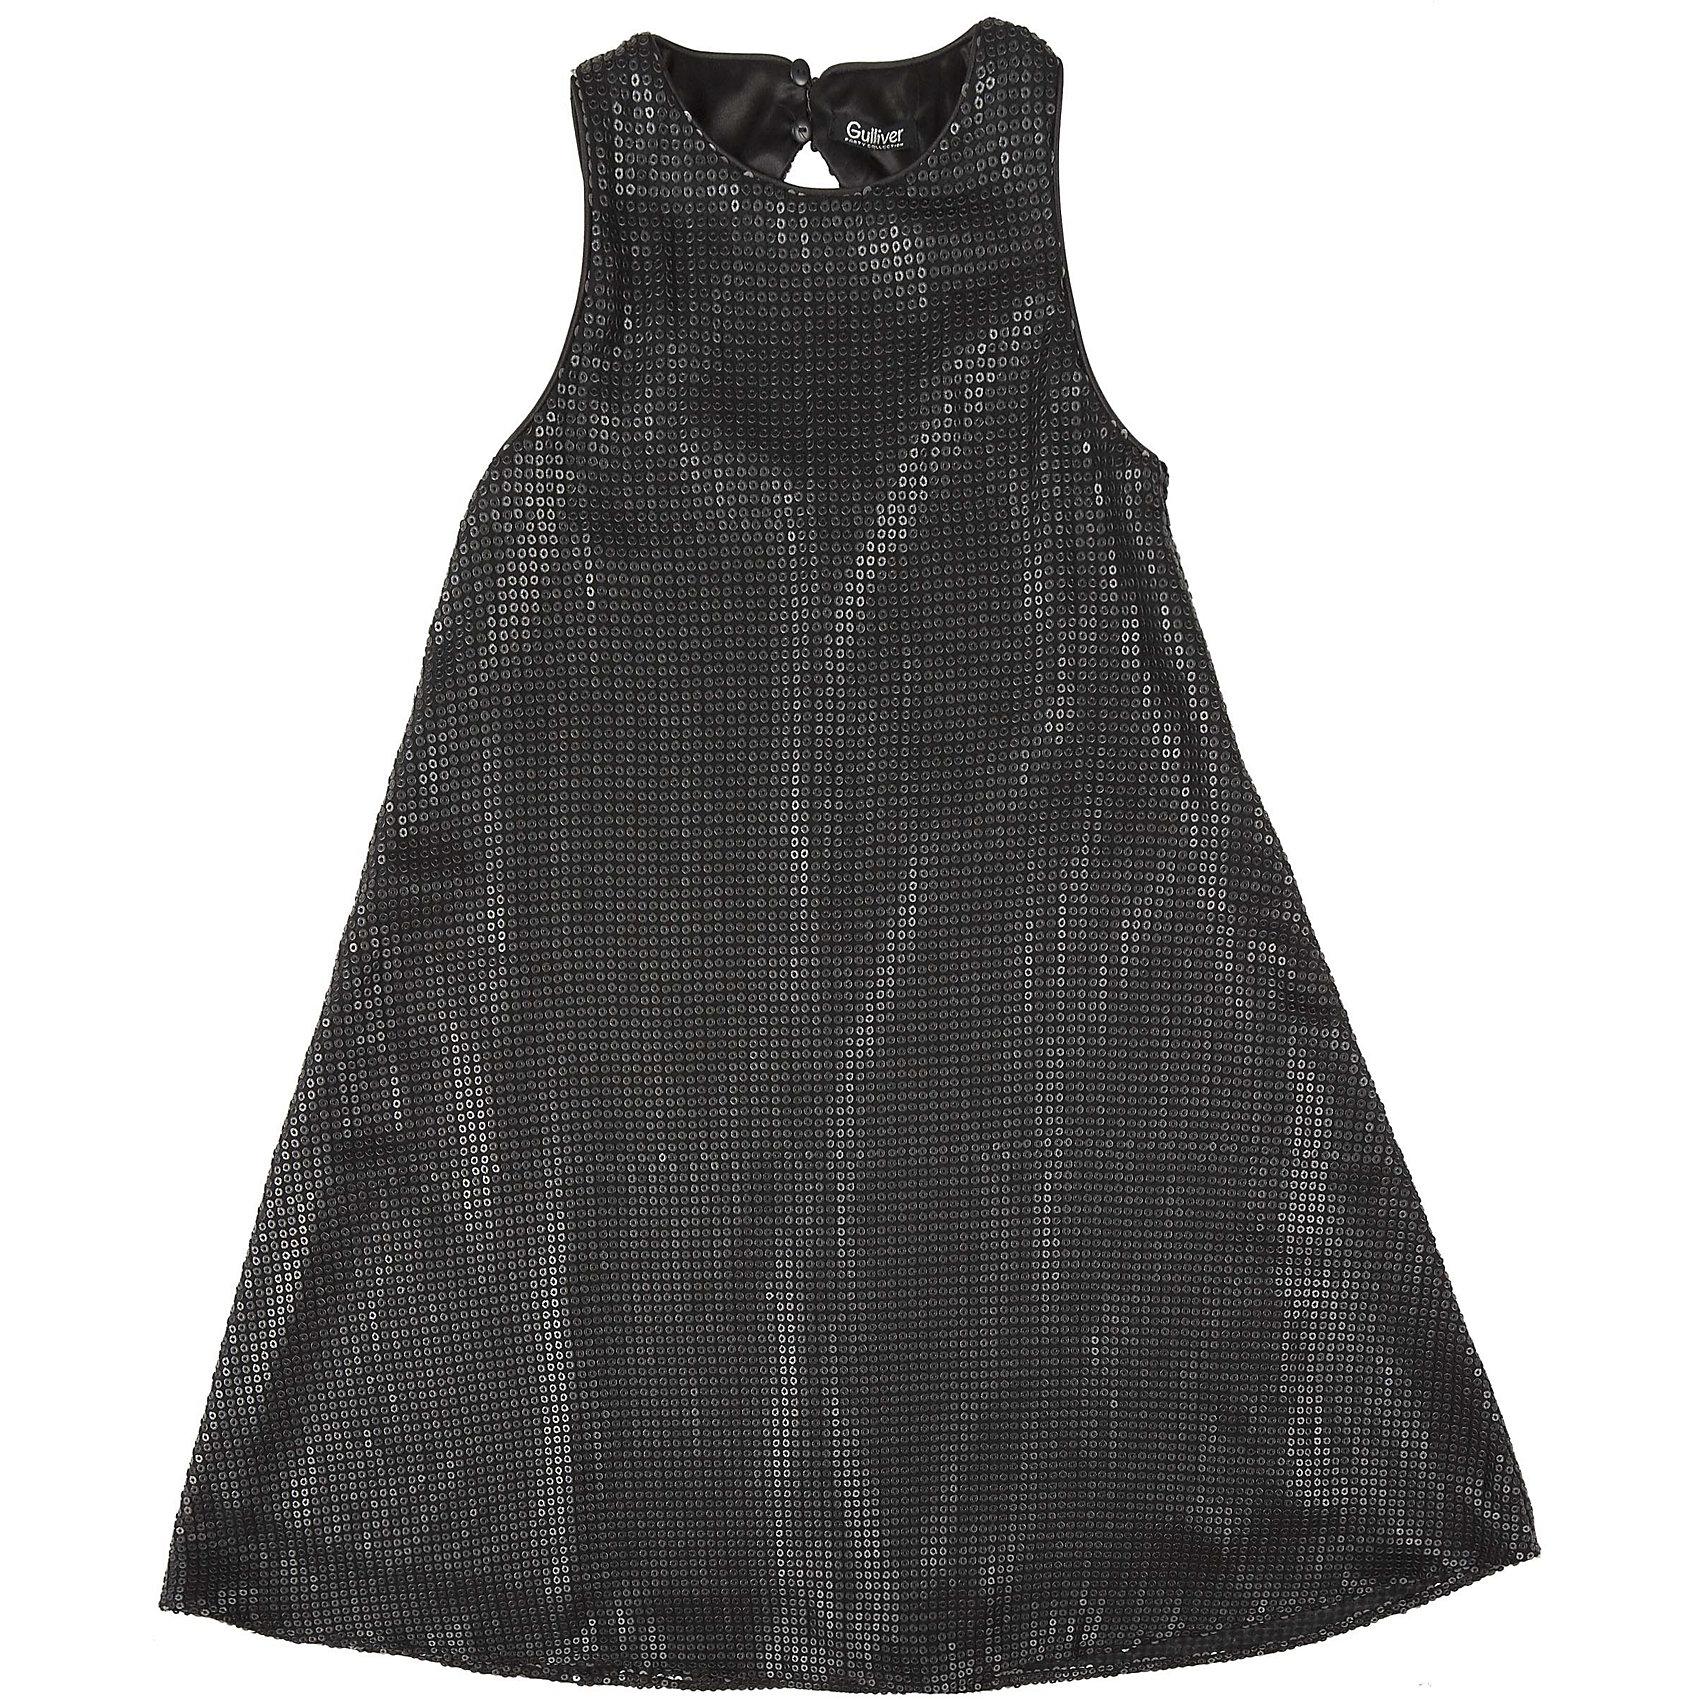 Нарядное платье для девочки GulliverПлатье для девочки от известного бренда Gulliver.<br>Легкое  трапециевидное платье из черных пайеток смотрится безупречно! Деликатный блеск, идеальная форма модели - такими и должны быть модные нарядные платья без лишнего пафоса.<br>Состав:<br>верх: 100% полиэстер; подкладка: 100% полиэстер<br><br>Ширина мм: 236<br>Глубина мм: 16<br>Высота мм: 184<br>Вес г: 177<br>Цвет: серый<br>Возраст от месяцев: 120<br>Возраст до месяцев: 132<br>Пол: Женский<br>Возраст: Детский<br>Размер: 146,164,152,158<br>SKU: 5103539